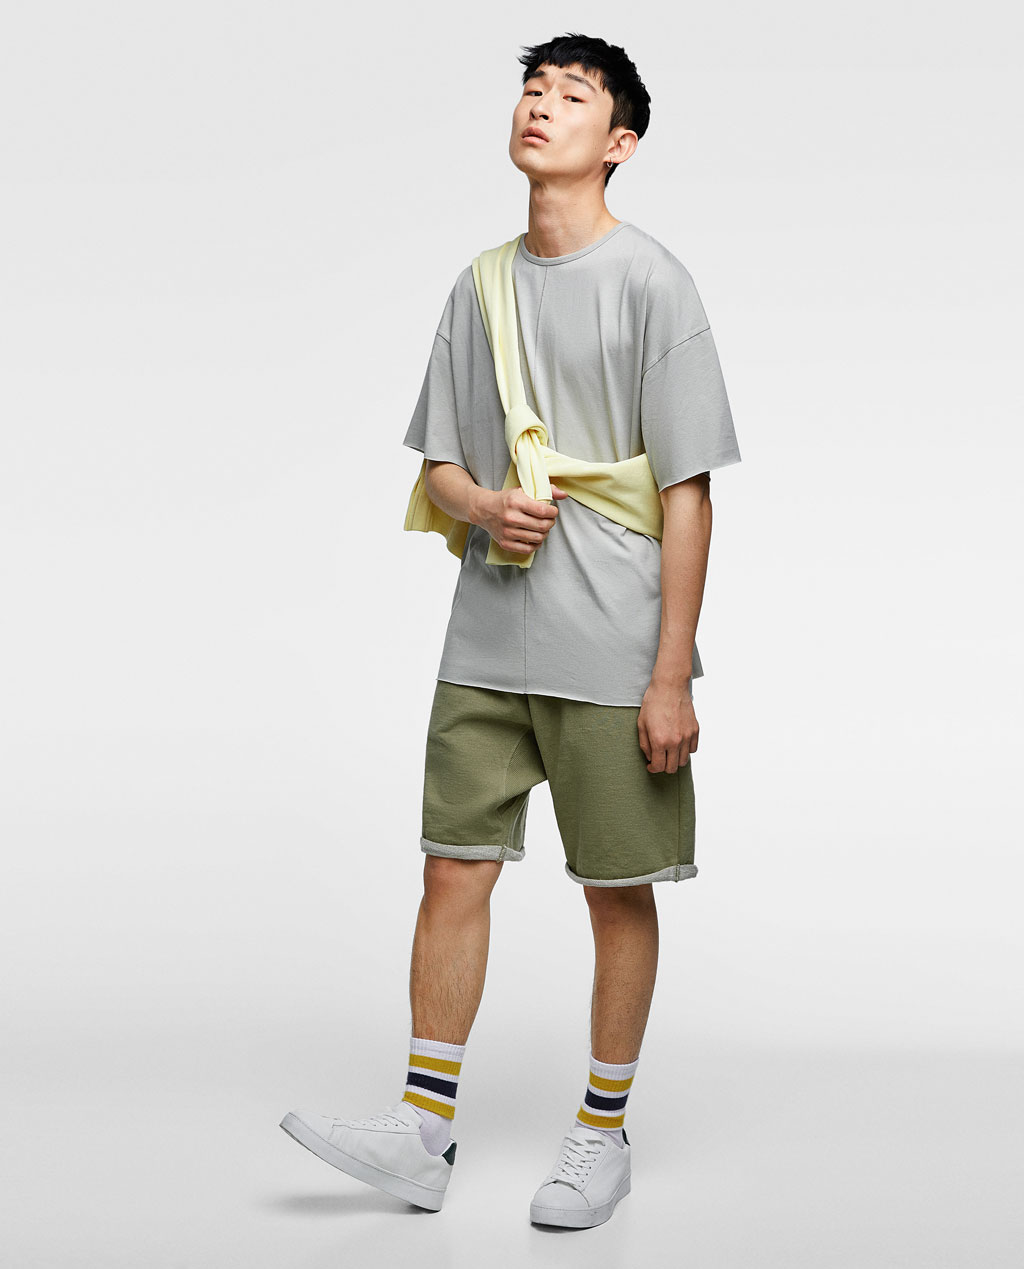 Thời trang nam Zara  24046 - ảnh 3